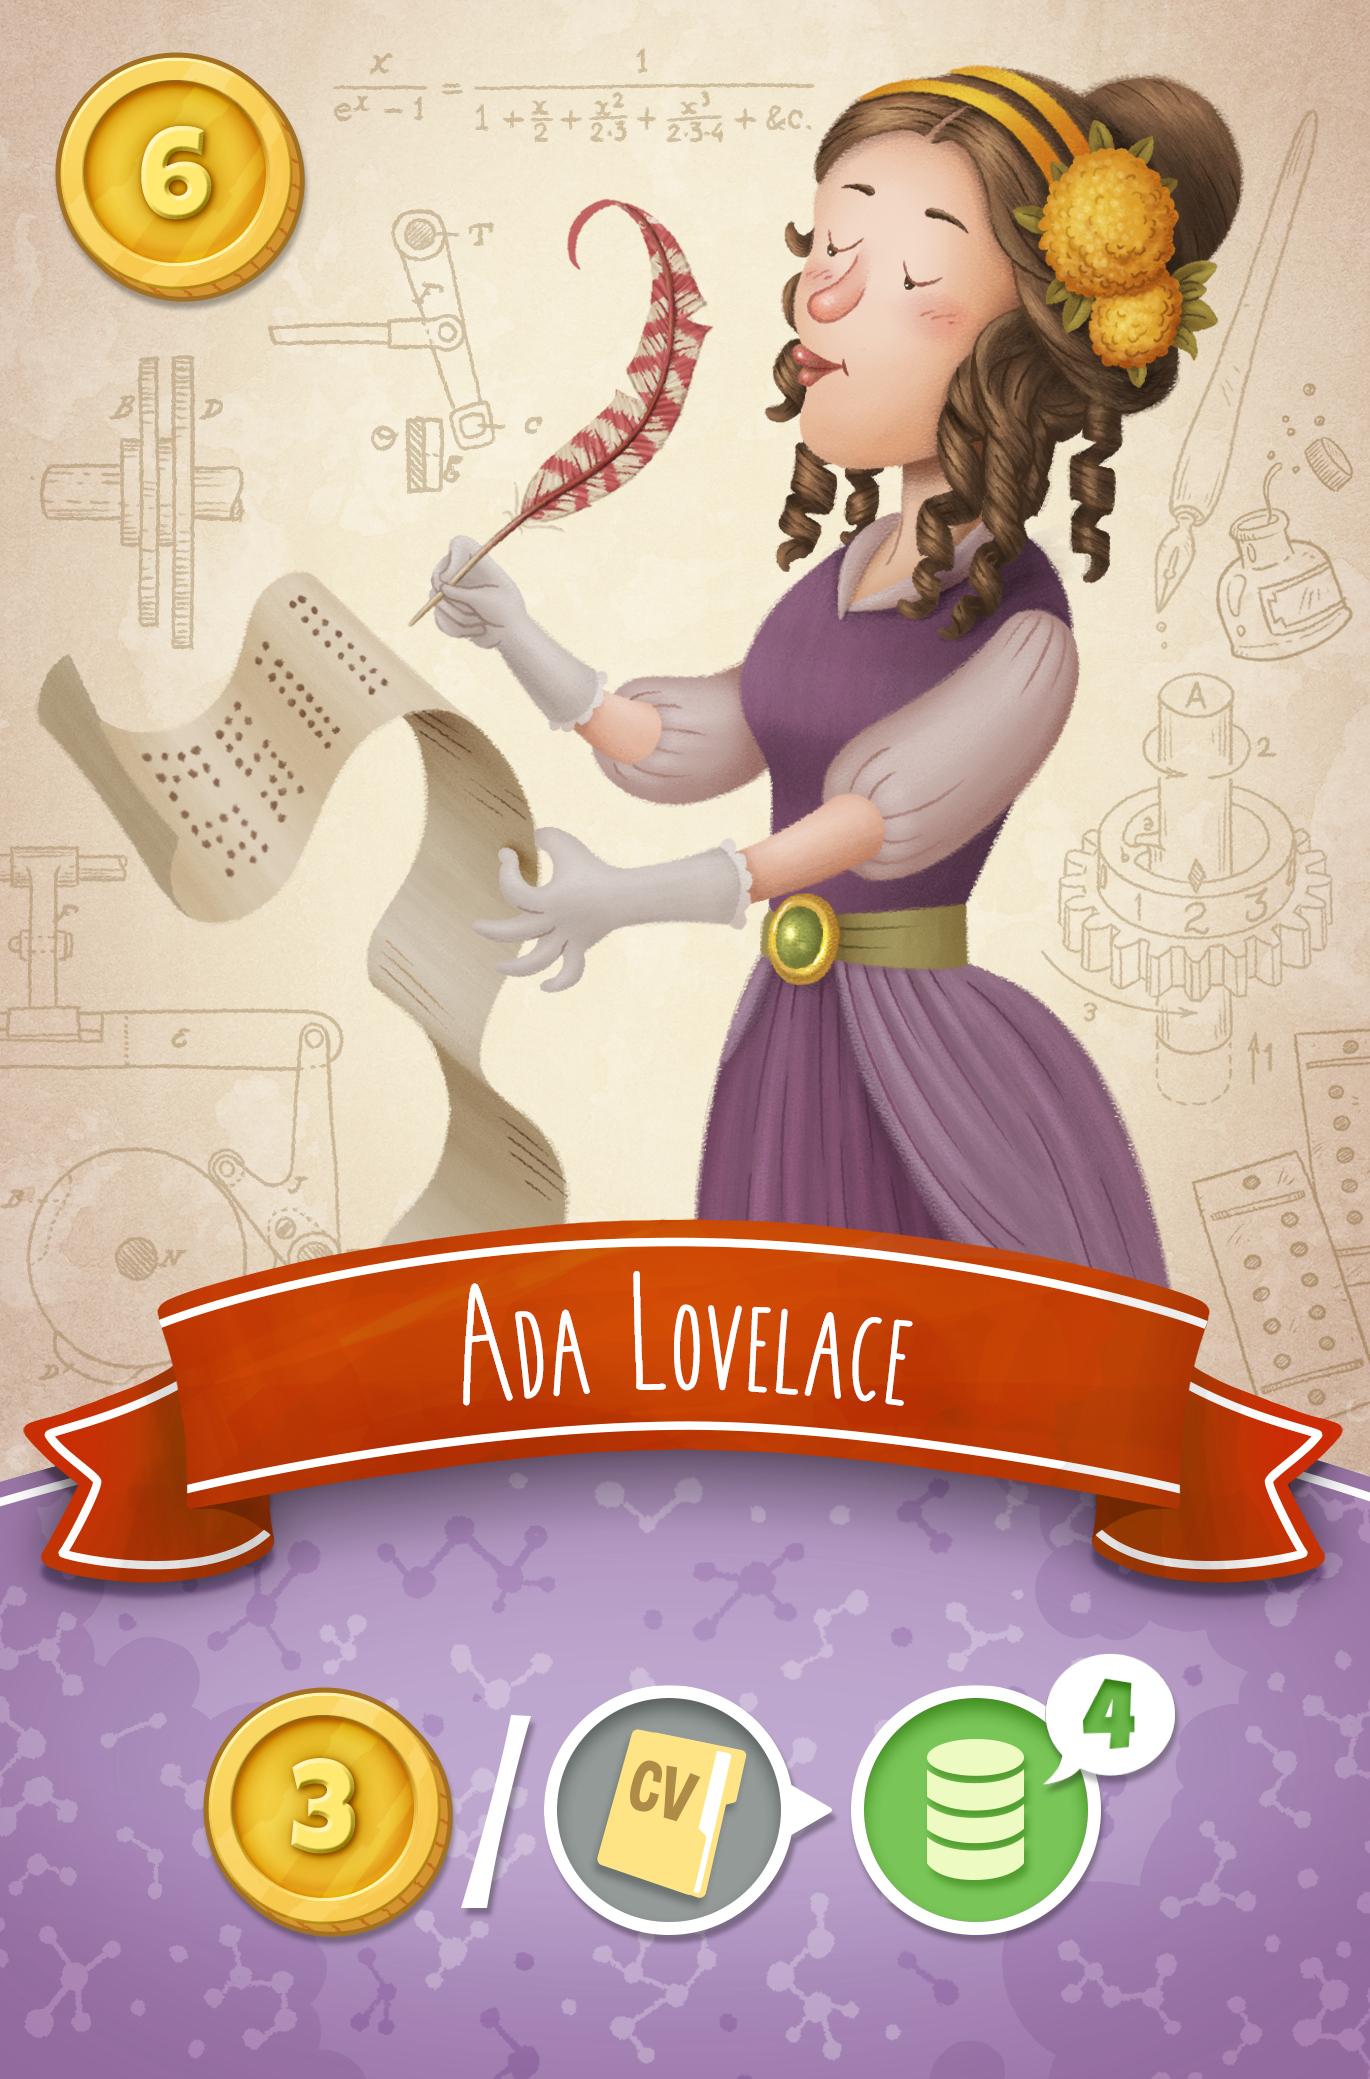 carta Ada Lovelace Nobel Run